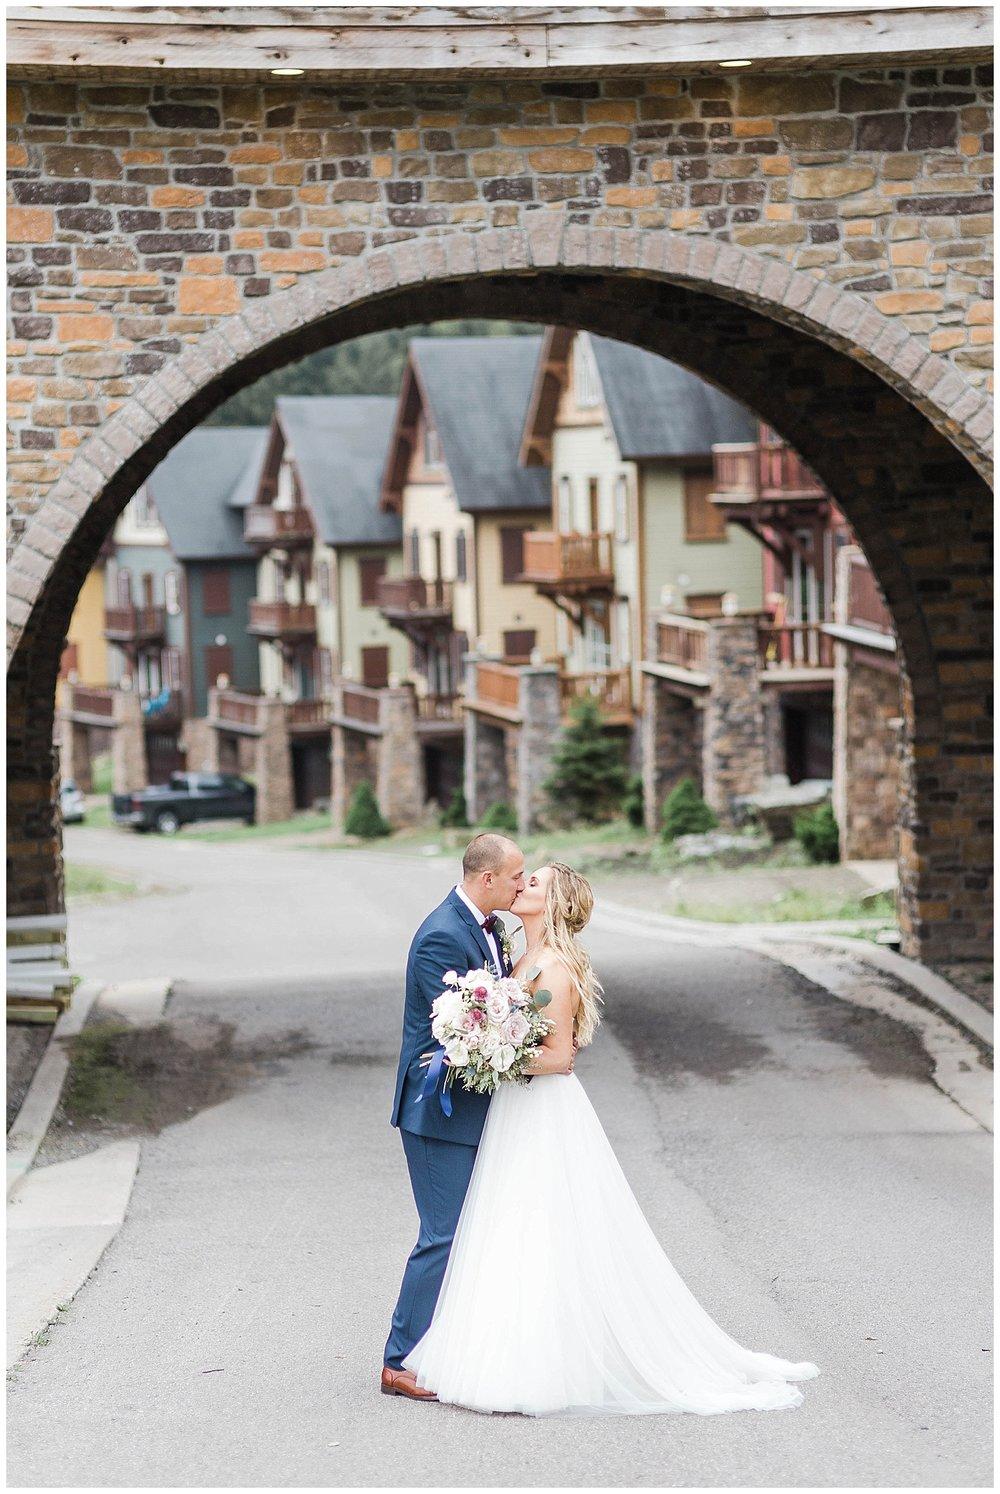 Saiko_Kara_Blakeman_Photography_Snowshoe_Wedding_Wv_2018_80